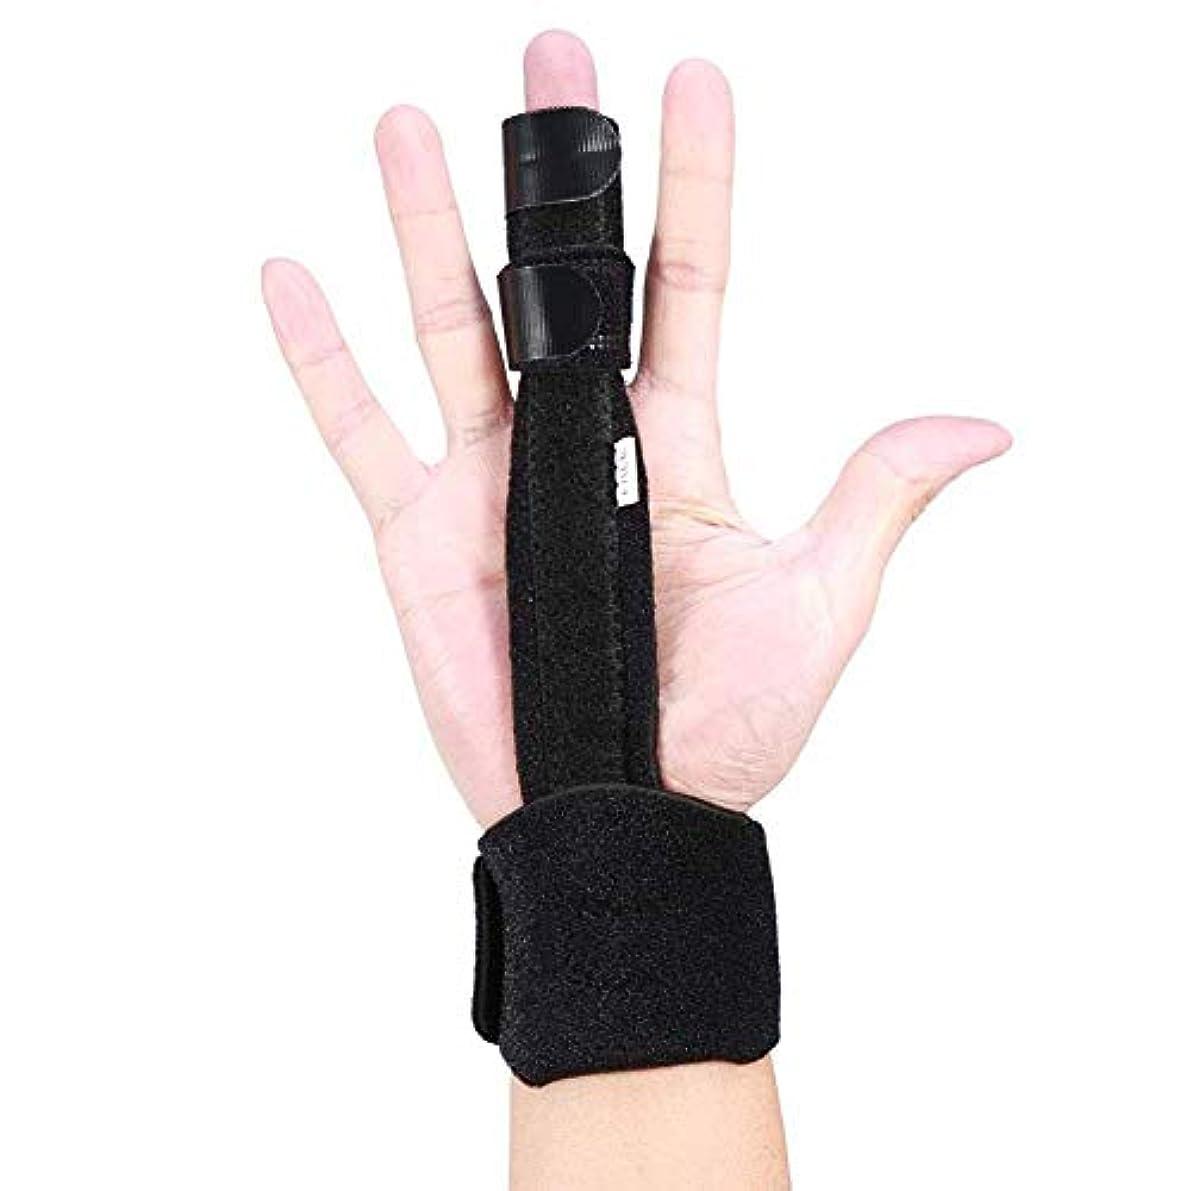 したがってうまれた兵器庫指の負傷のサポート、調整可能なアルミニウム製の指の副木手サポートの回復サポート保護傷害の援助